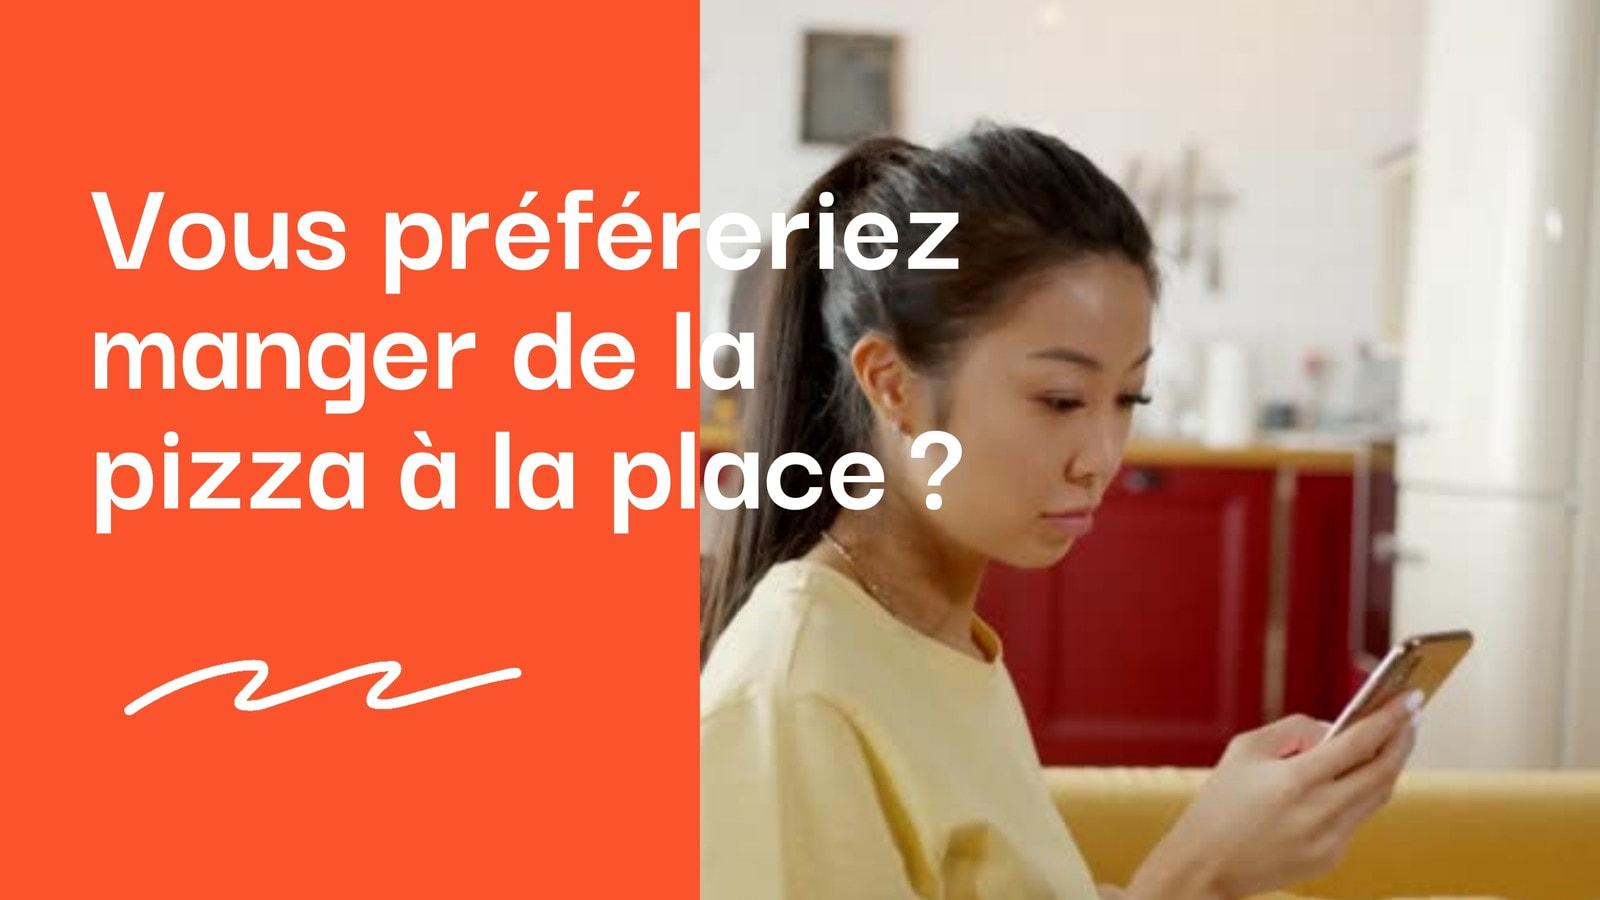 Orange et Blanc Nourriture Commerce/Restaurant 16/9 Vidéo